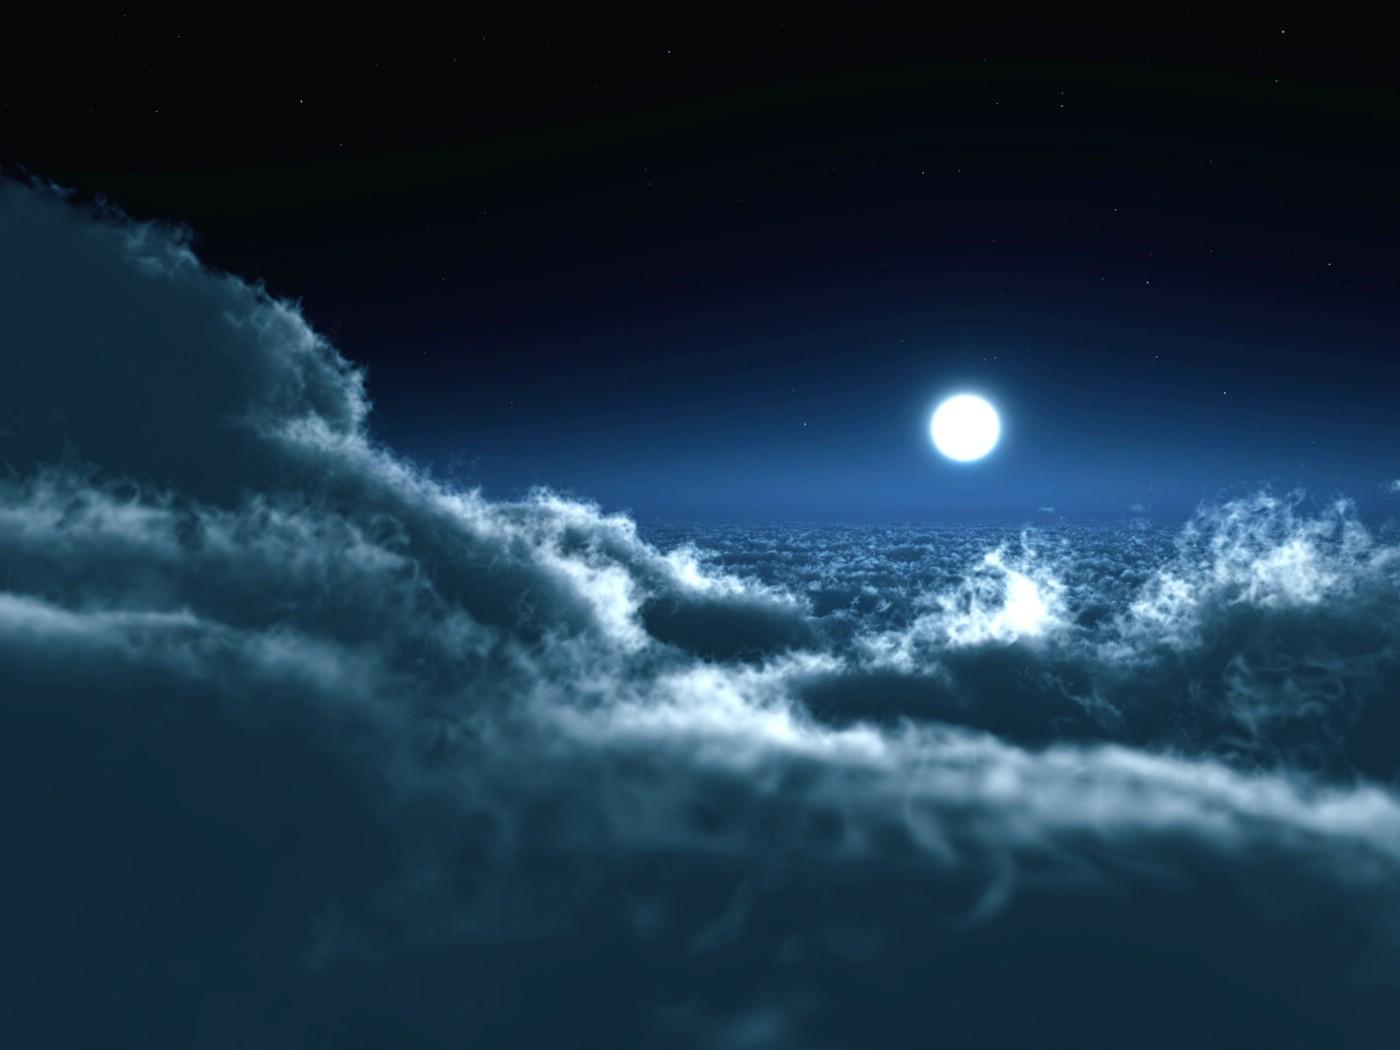 唯美风景壁纸-11 皎洁的月光